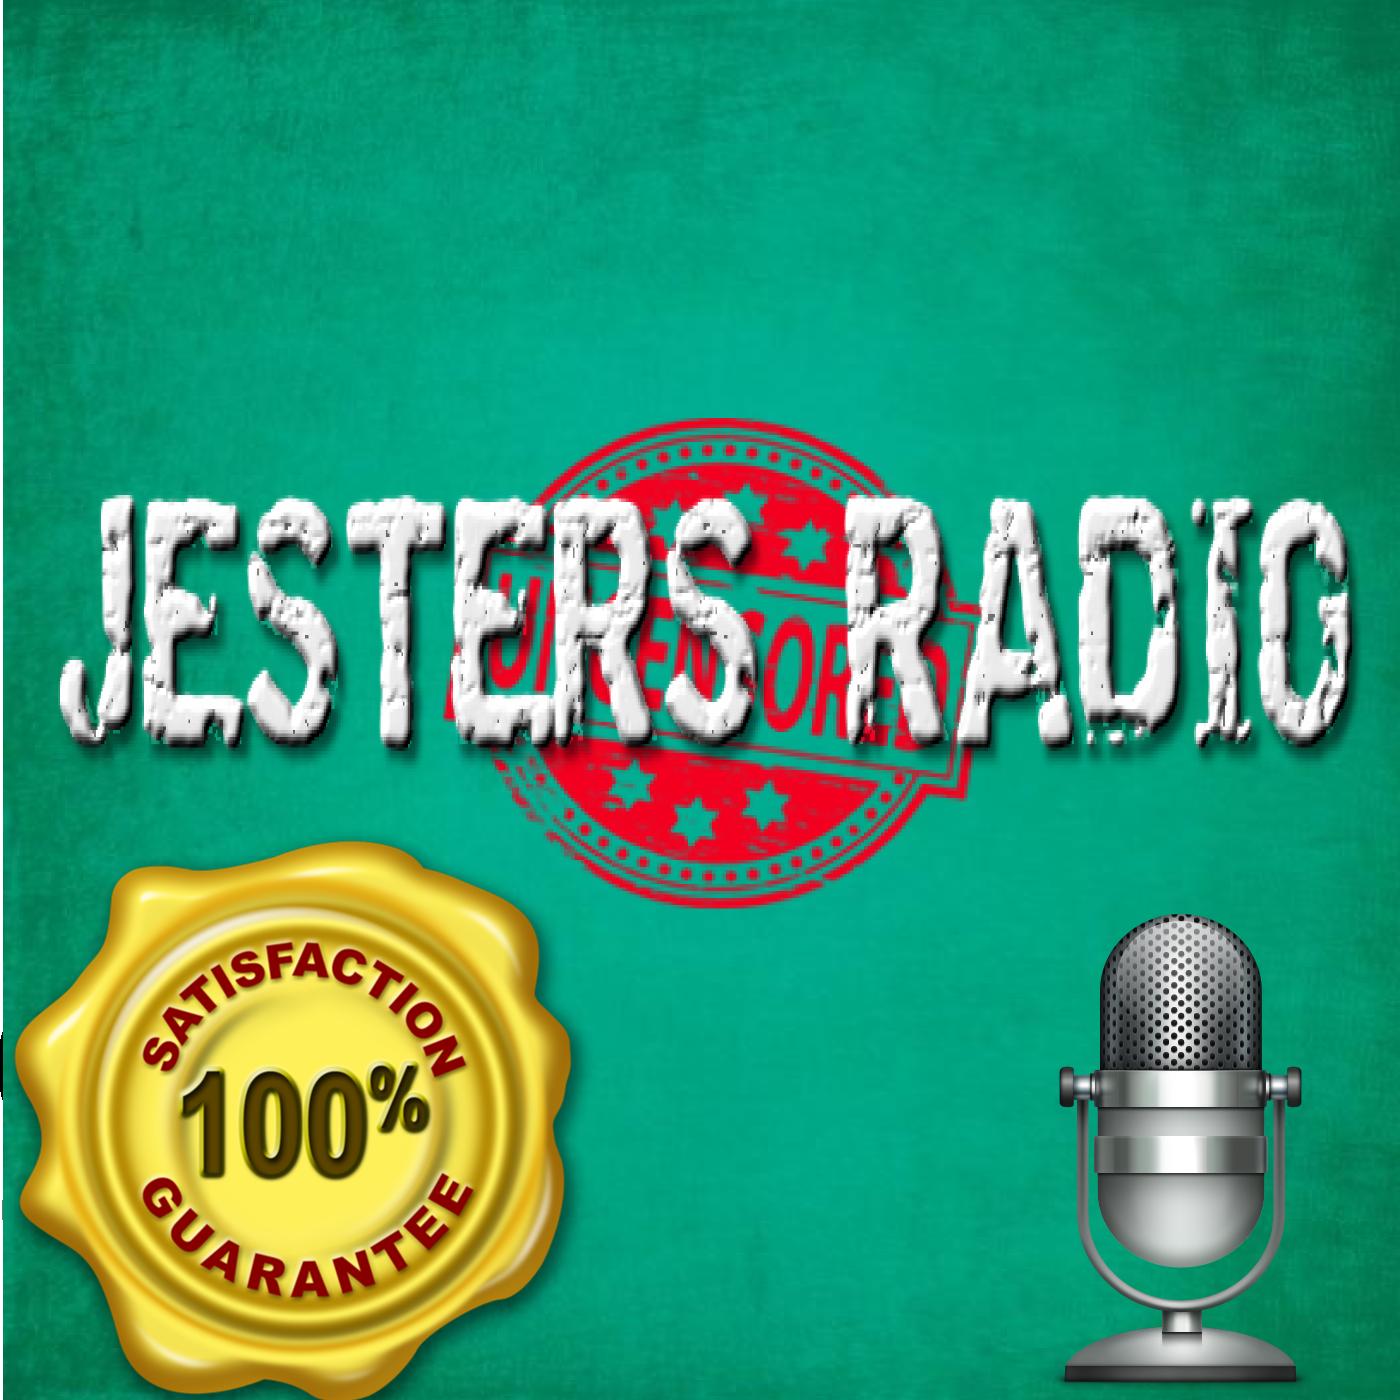 Jesters Radio